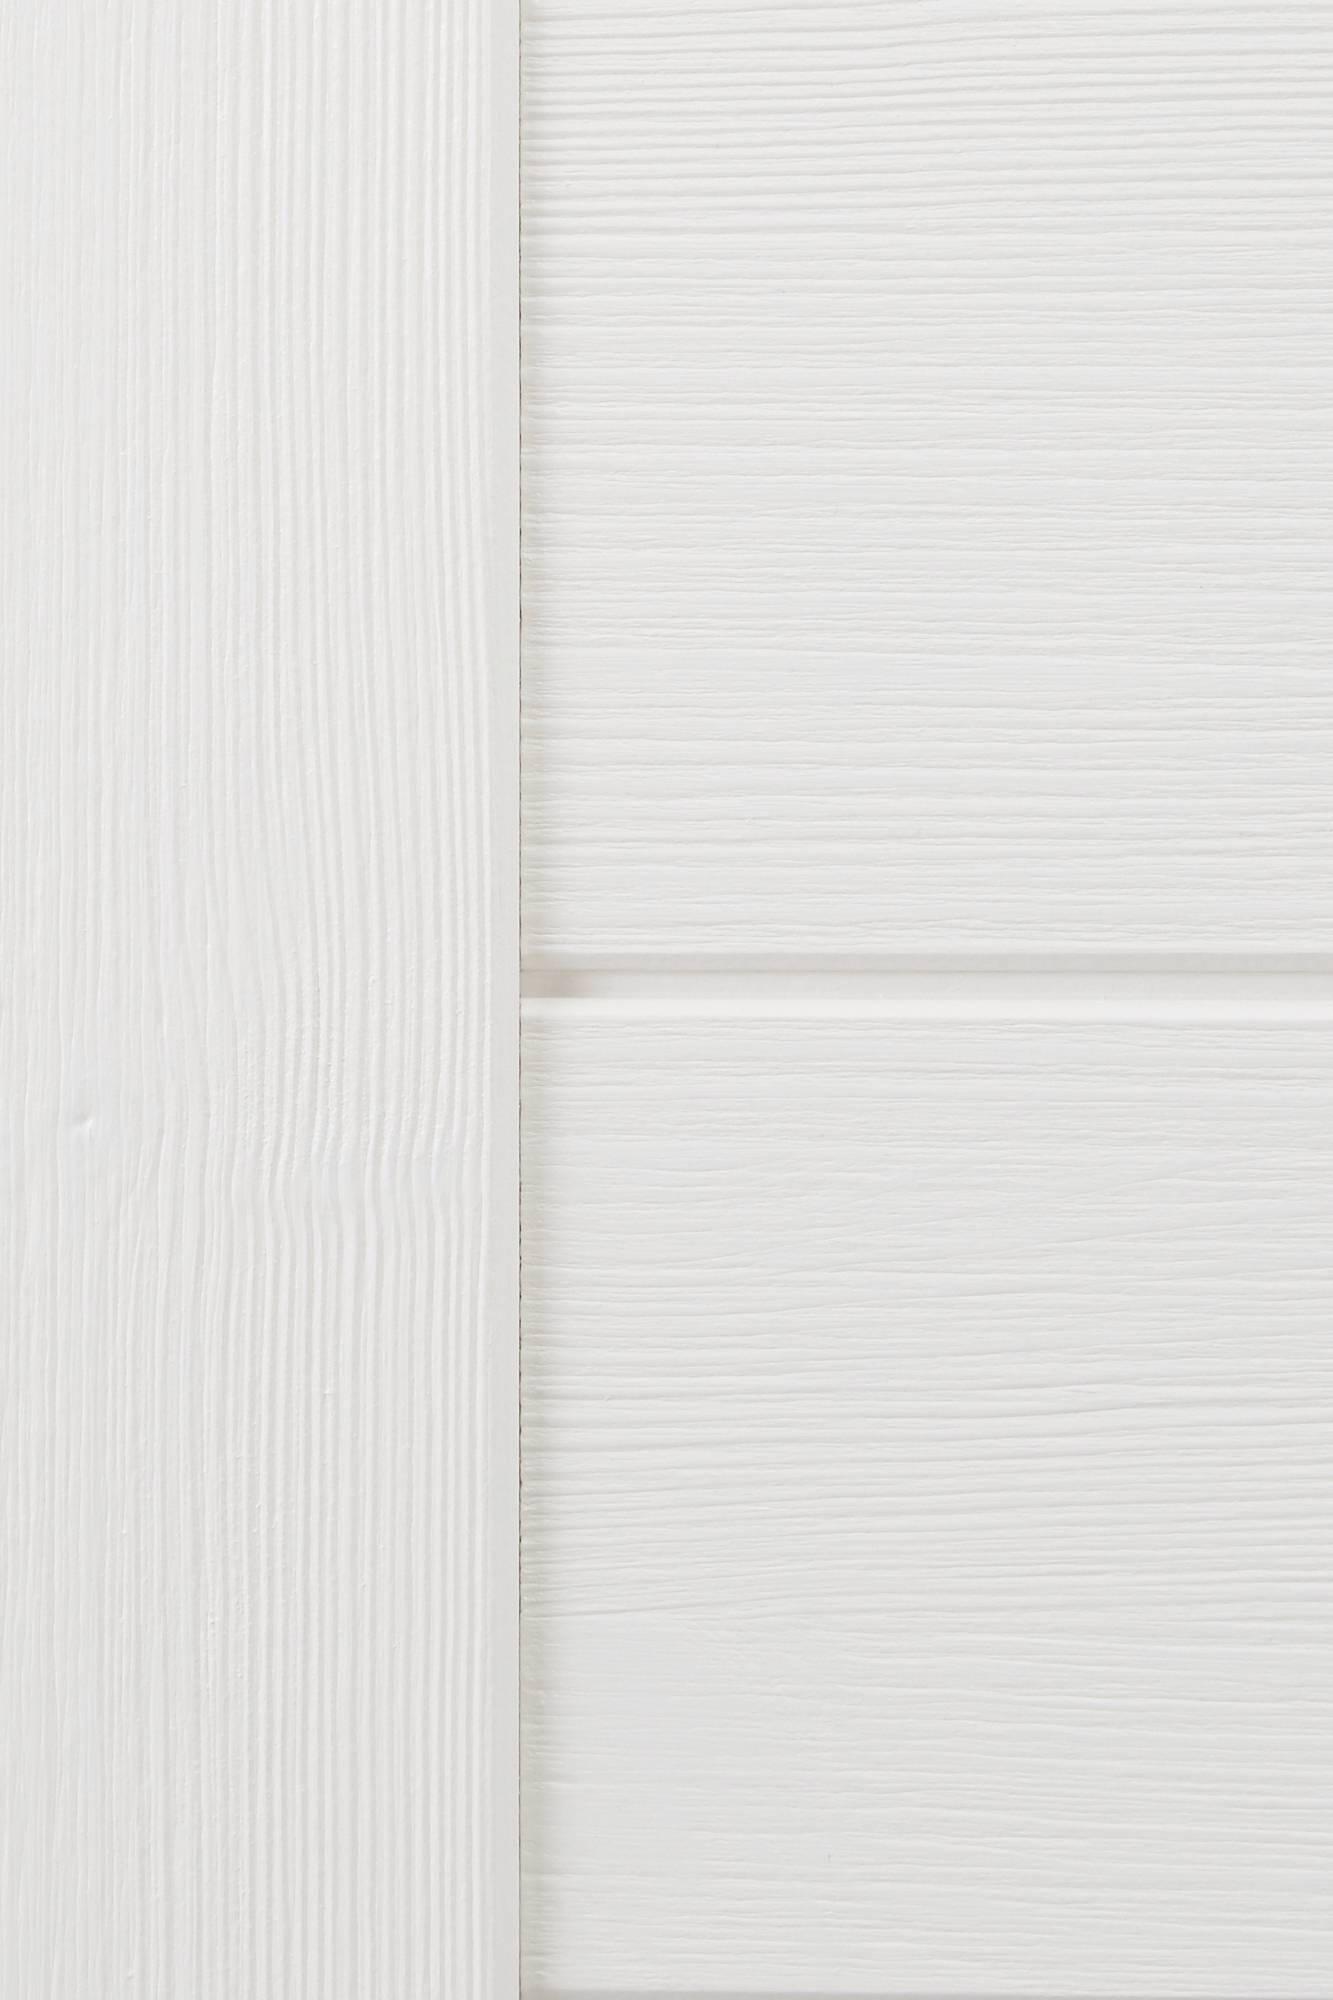 Fotoplank 120 Cm.Woood Fotoplank Woood Lucie Wandrek 80 Cm Zwart In 2019 Shelfs